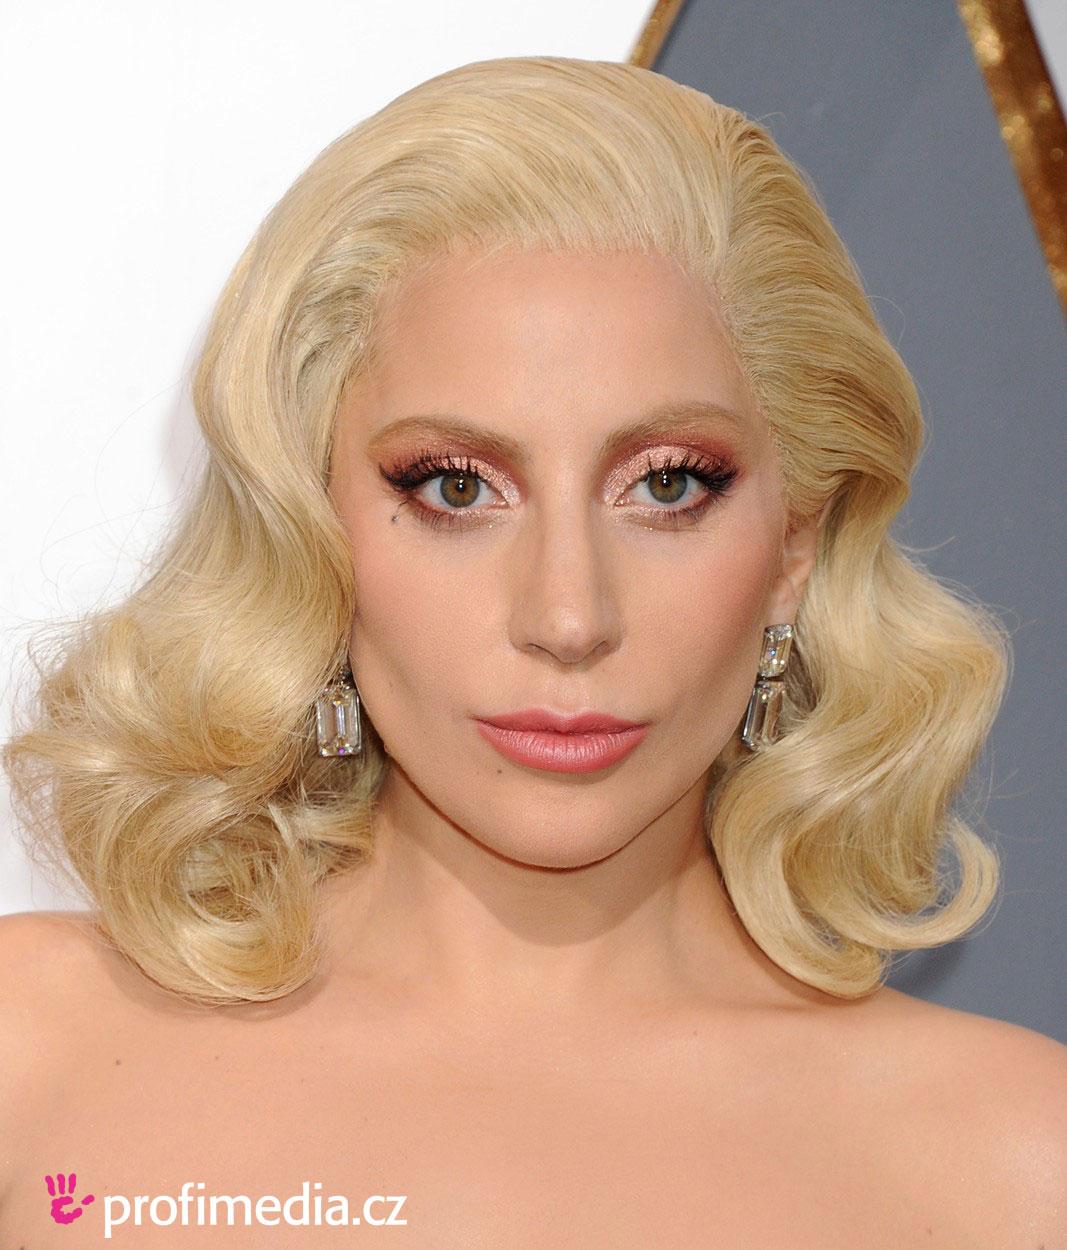 Lady Gaga Frisur Zum Ausprobieren In EFrisuren